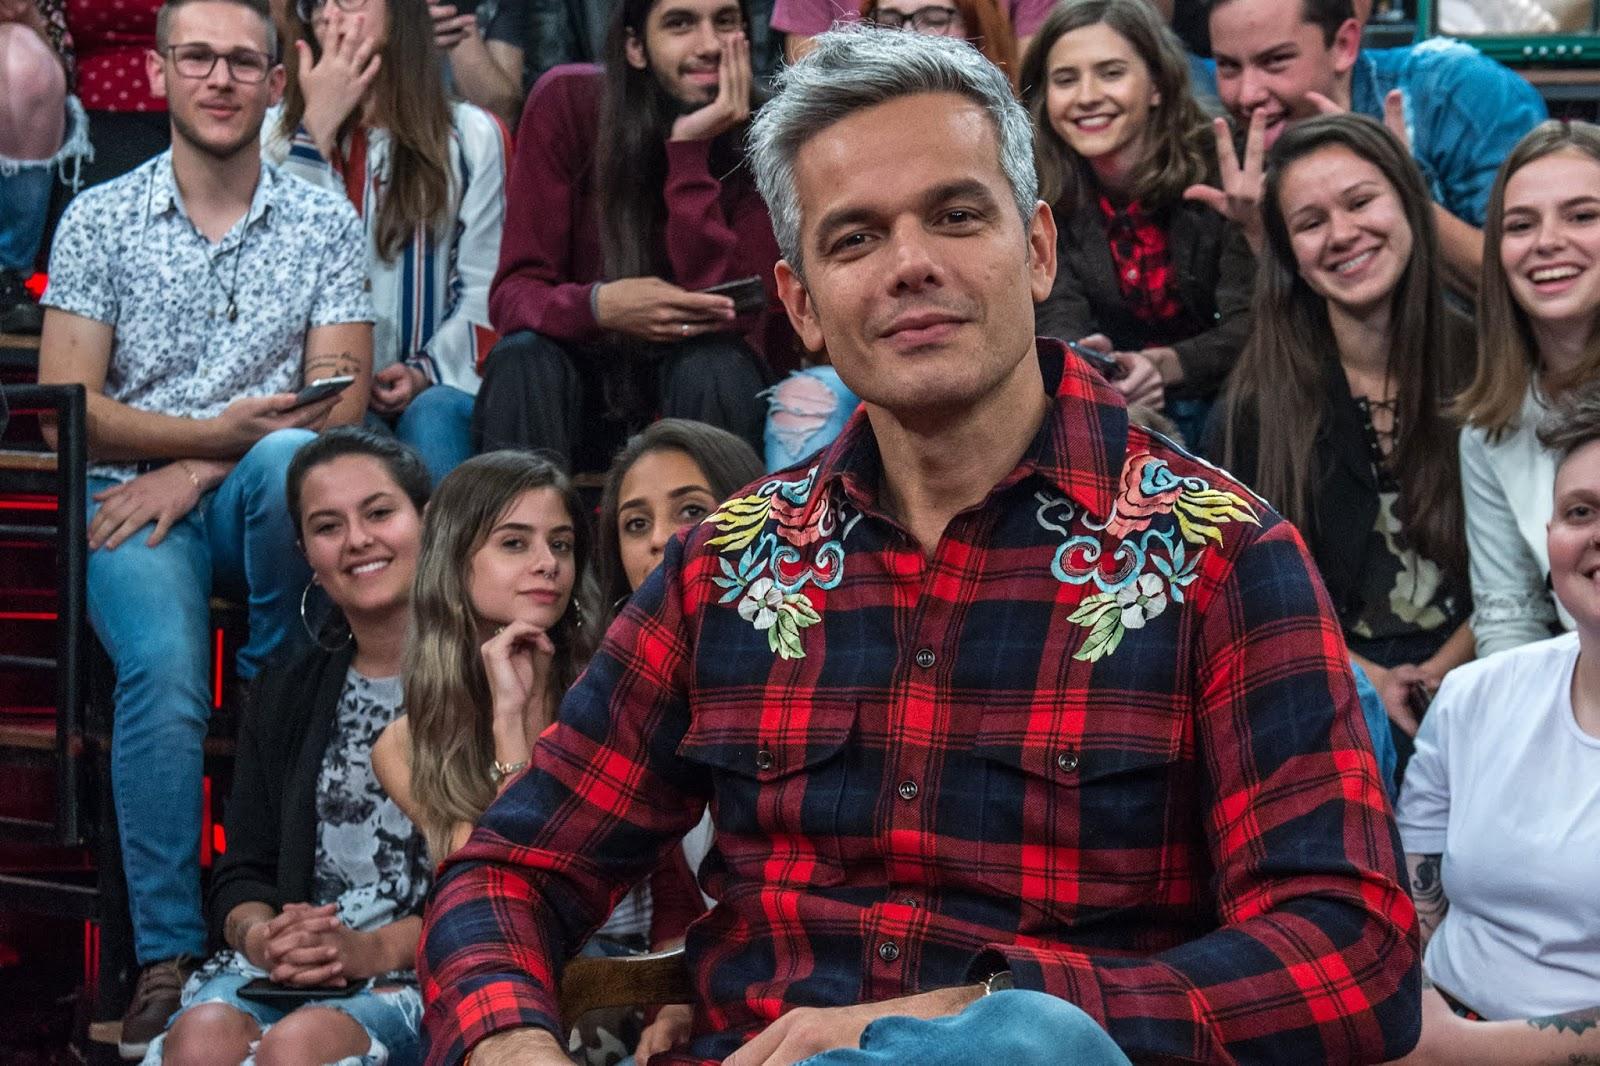 novo-programa-otaviano-costa-estreia-somente-2019